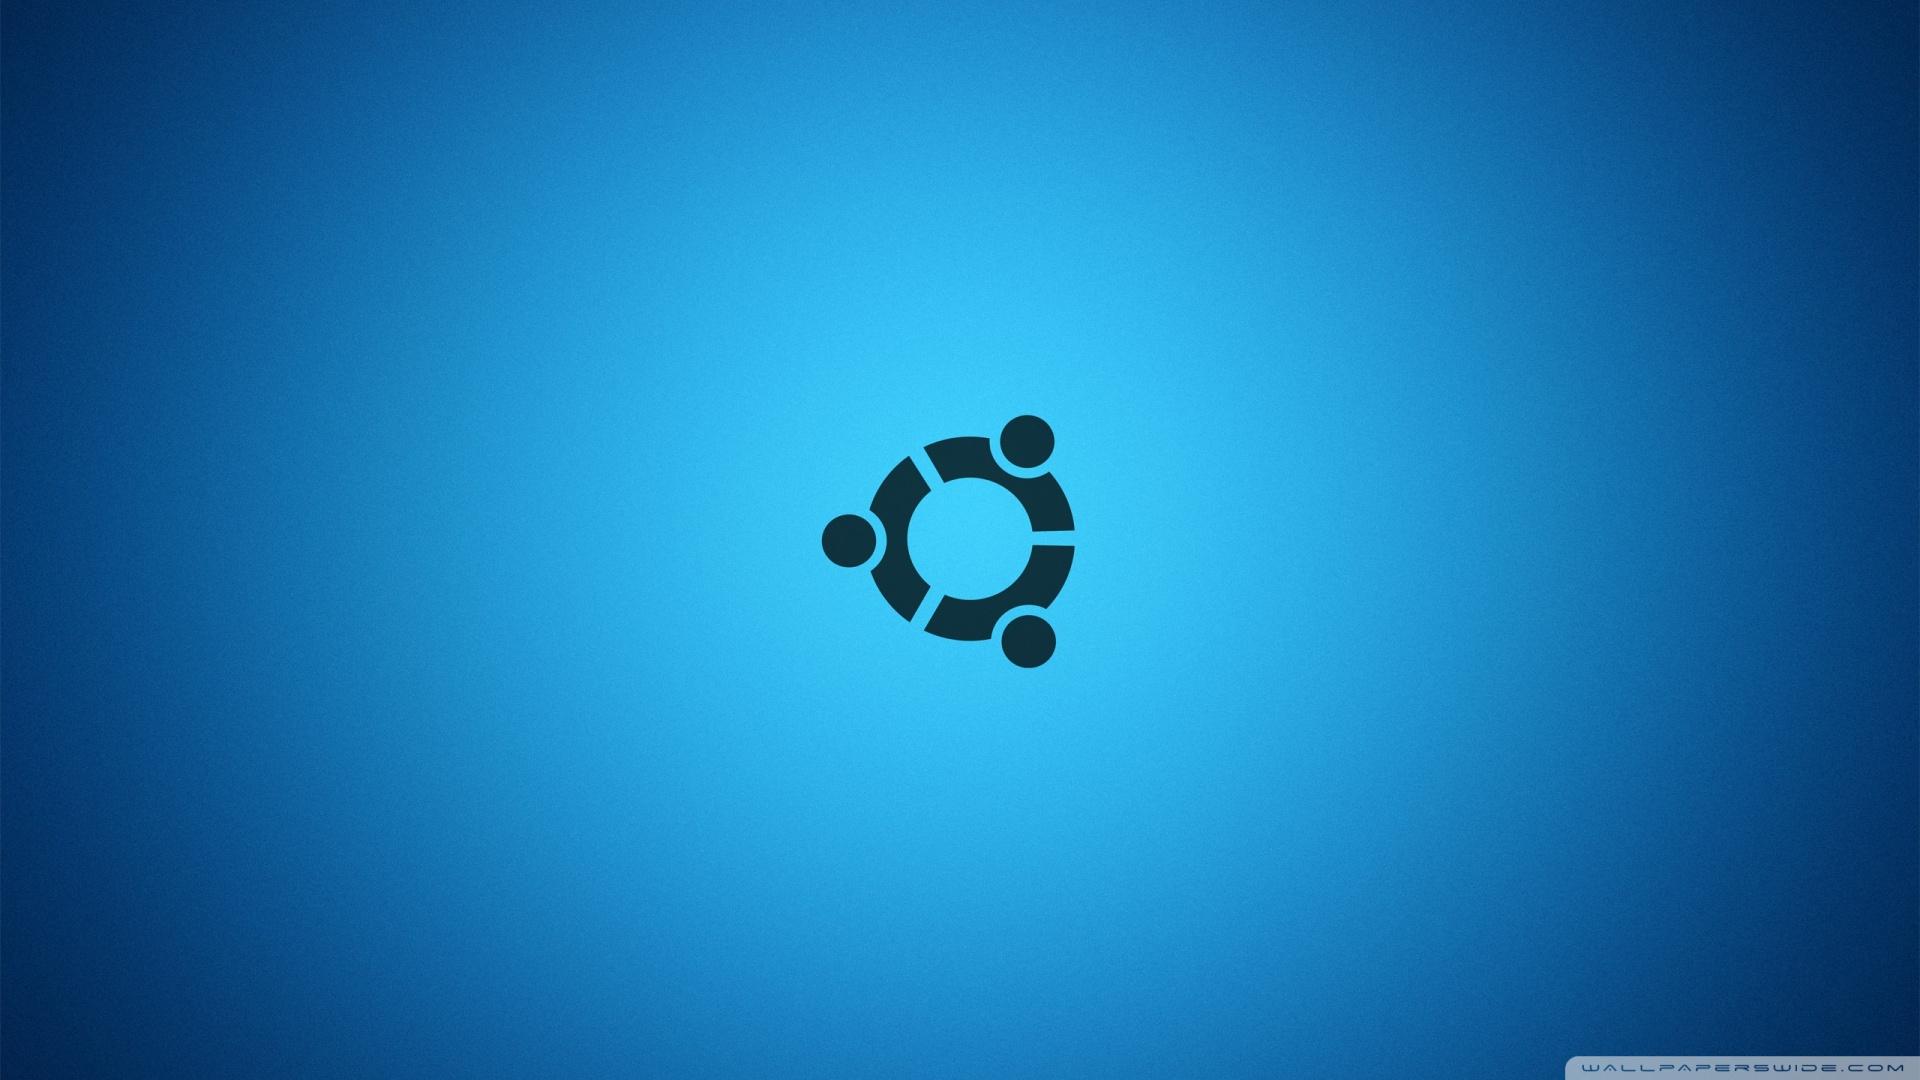 Ubuntu Linux Wallpaper